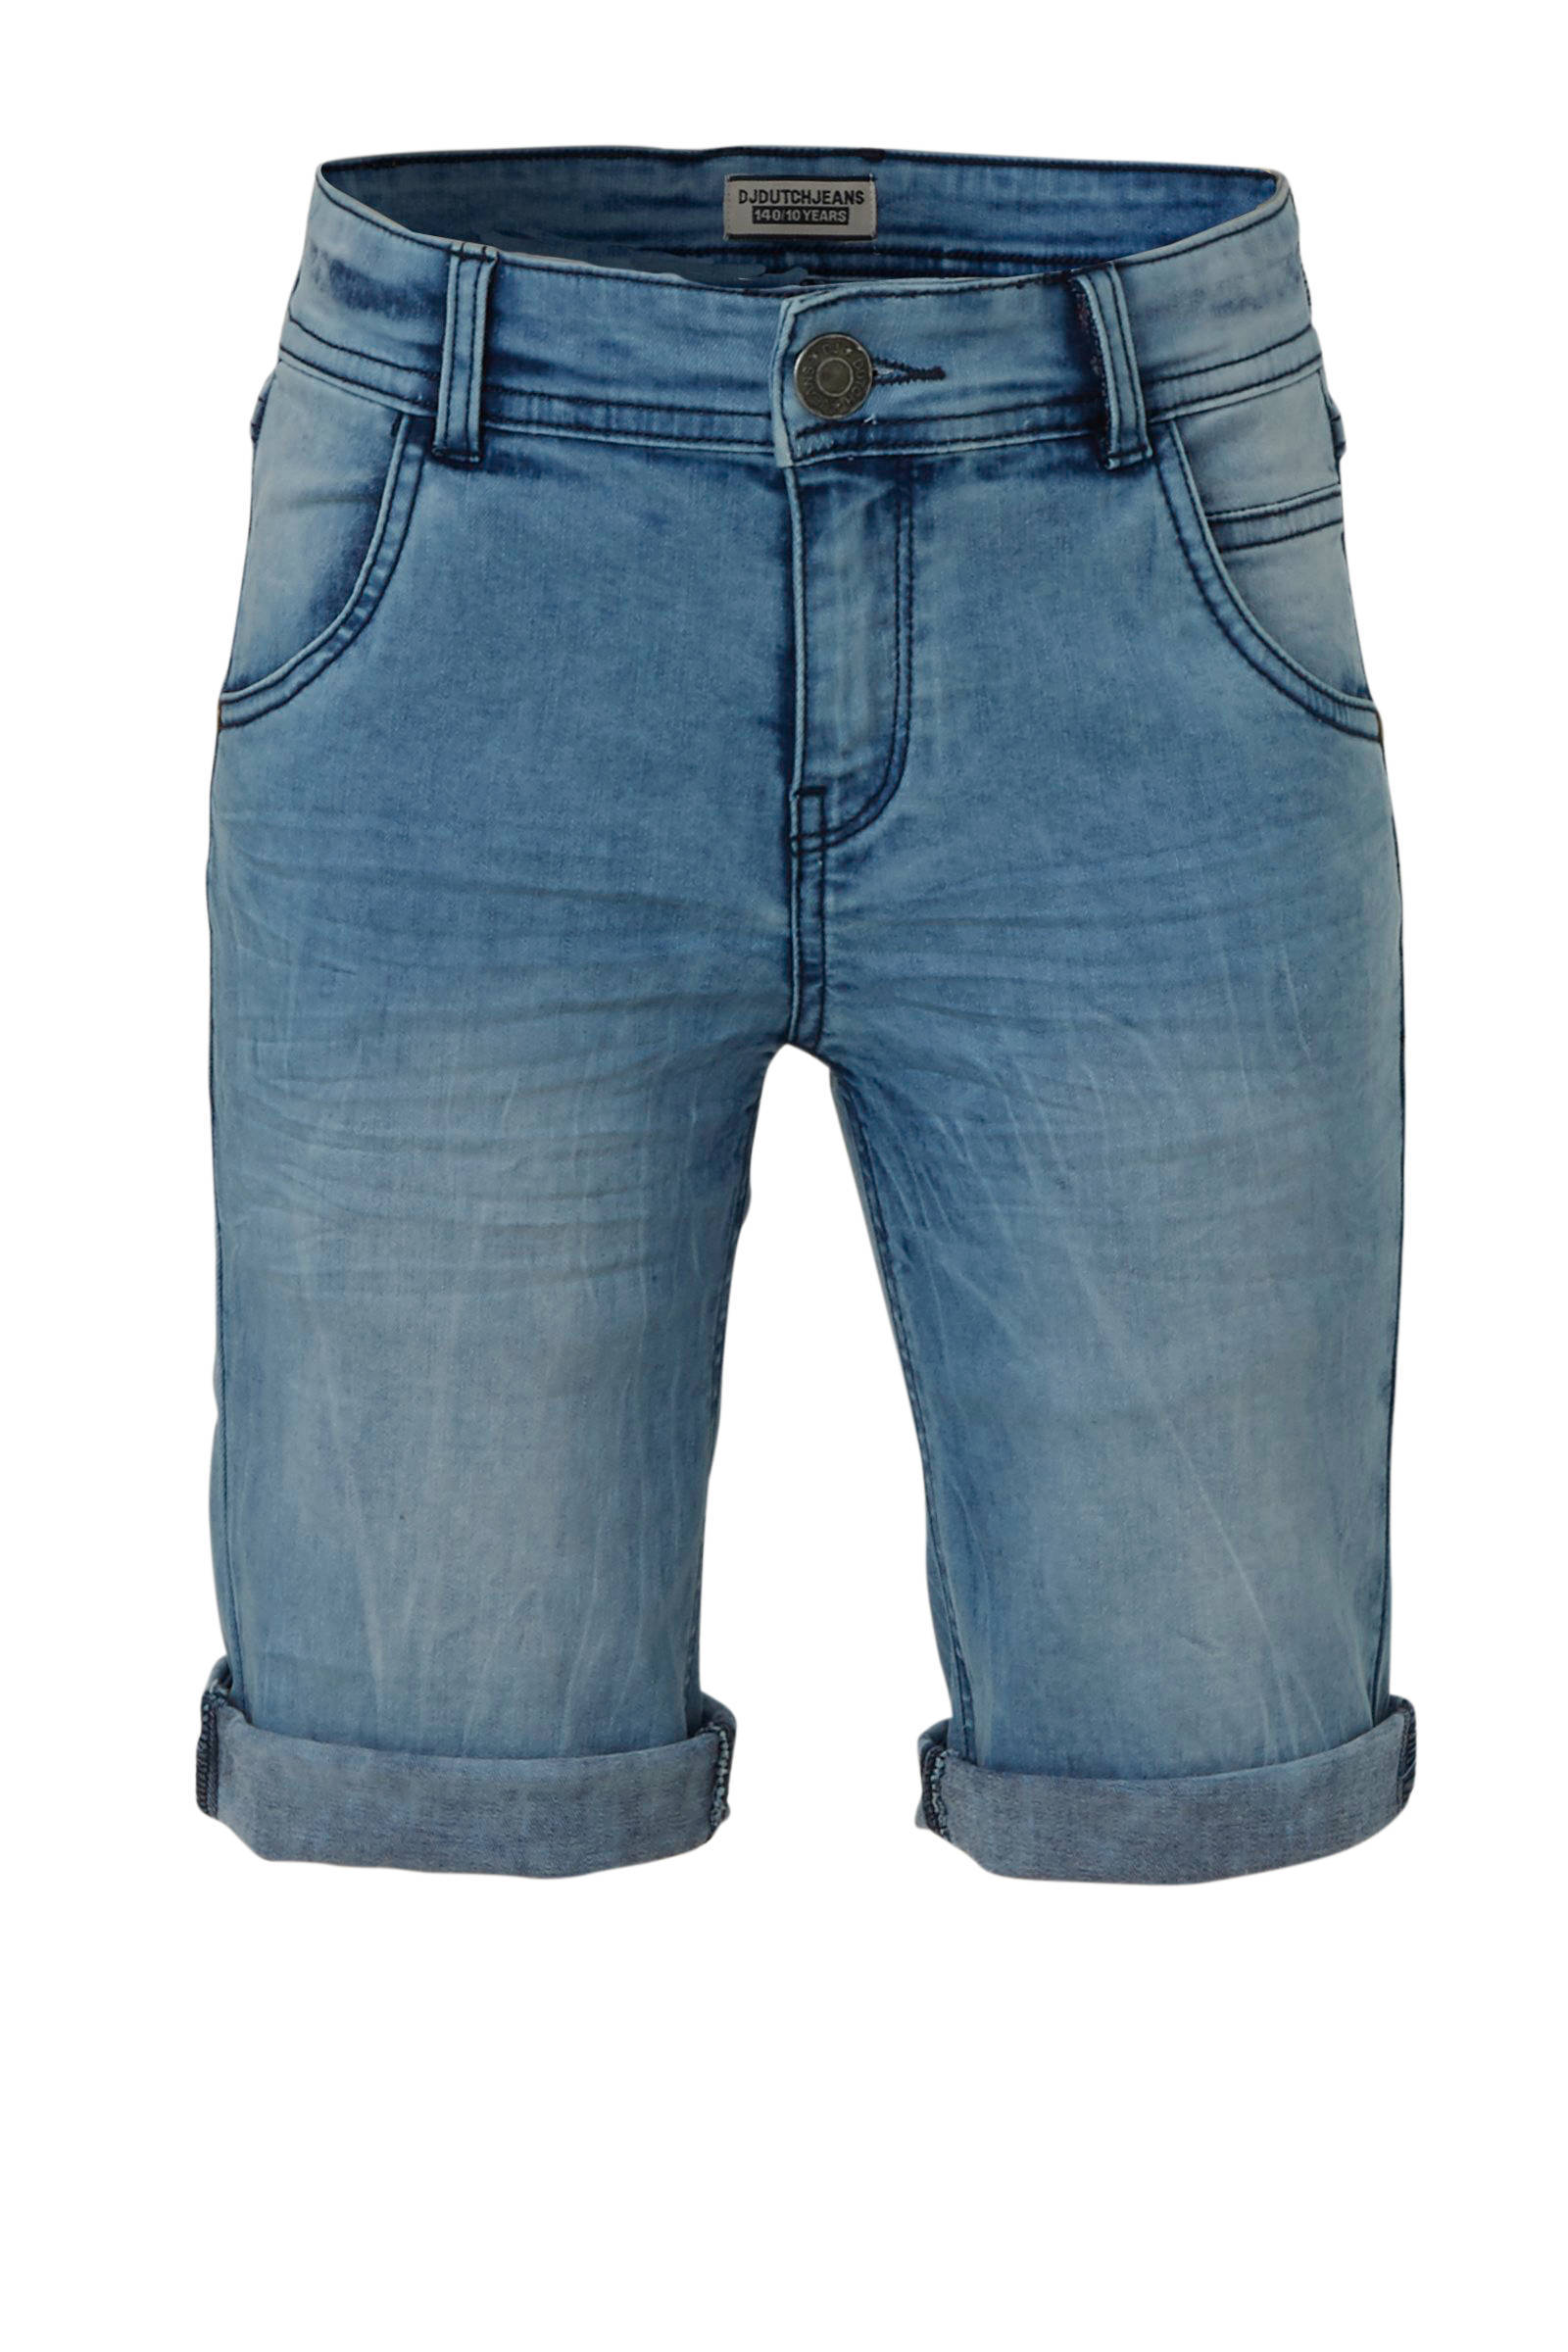 DJ Dutchjeans jeans jongens bij wehkamp Gratis bezorging